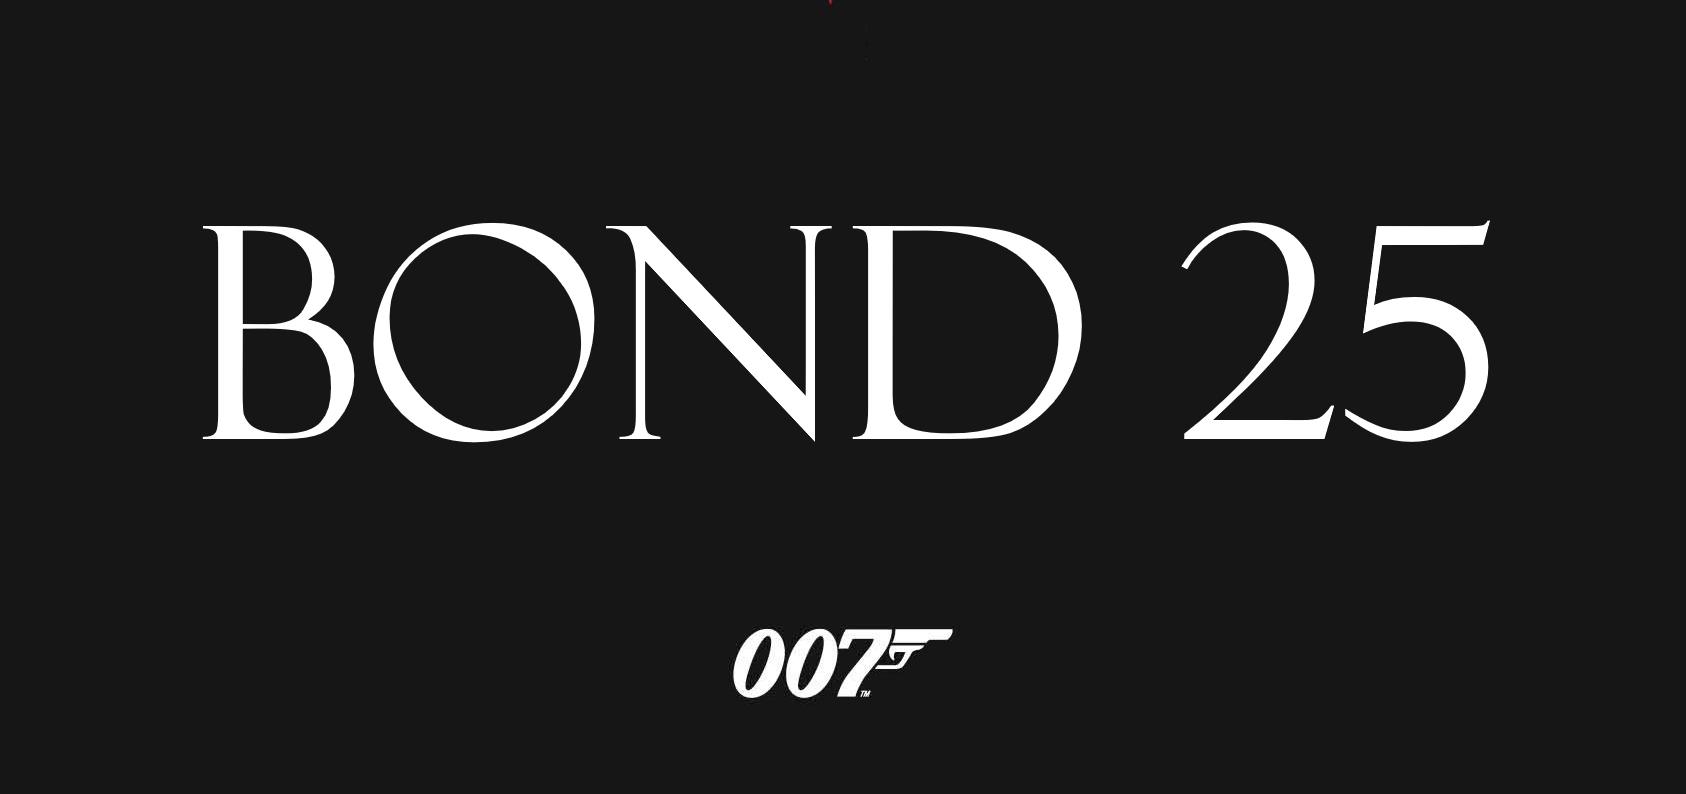 Bond_25